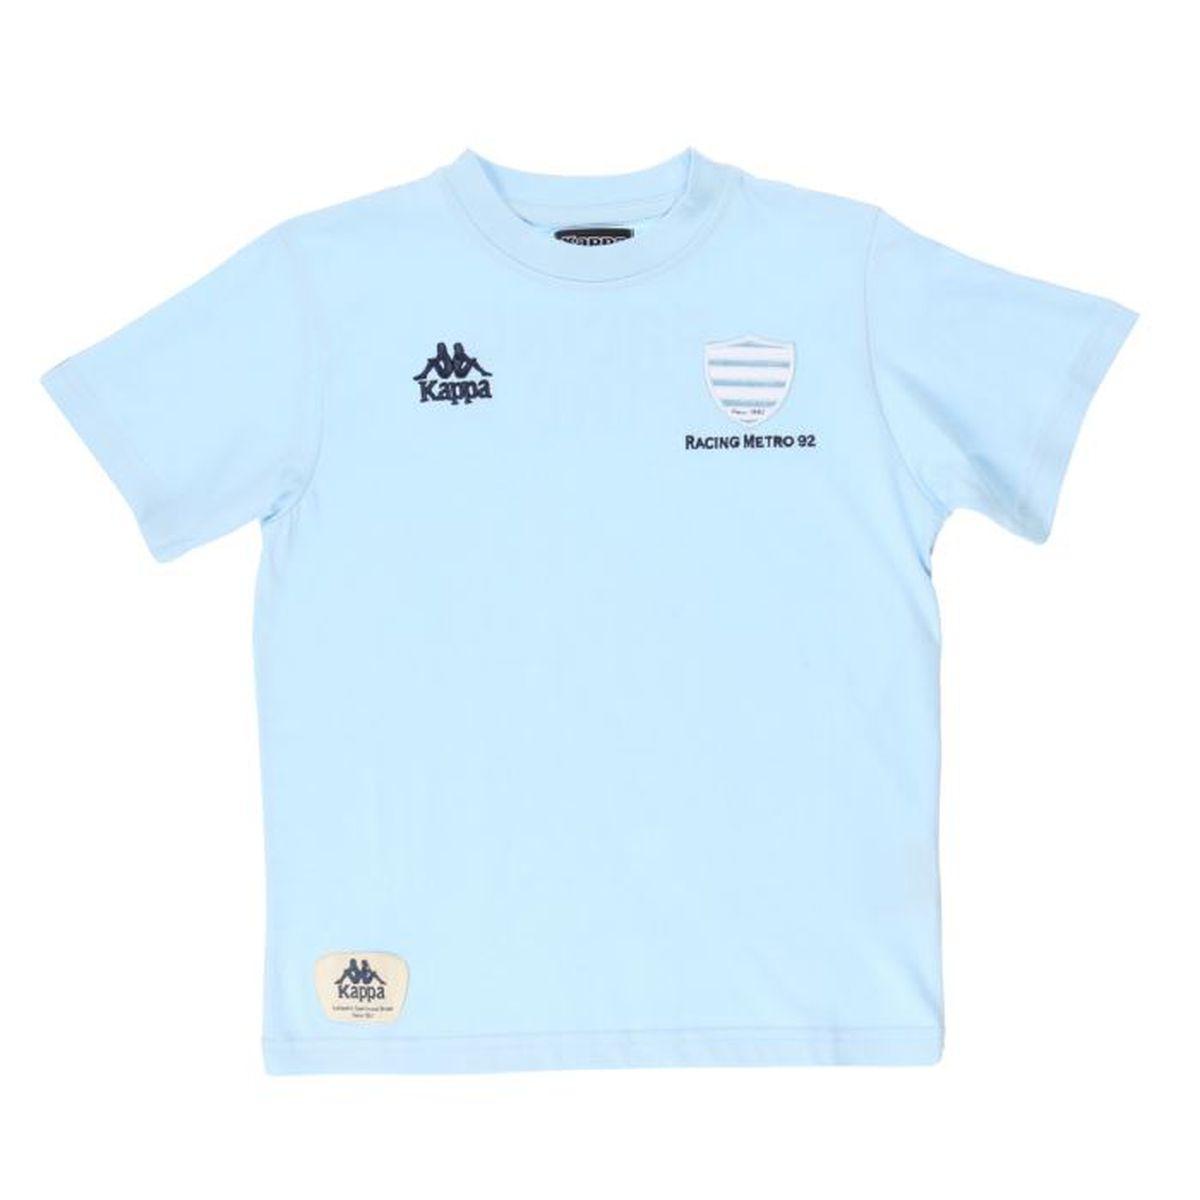 Shirt Pas Prix Metro Rugby Racing Enfant Kappa T Cher Garçon UOqw50x8n